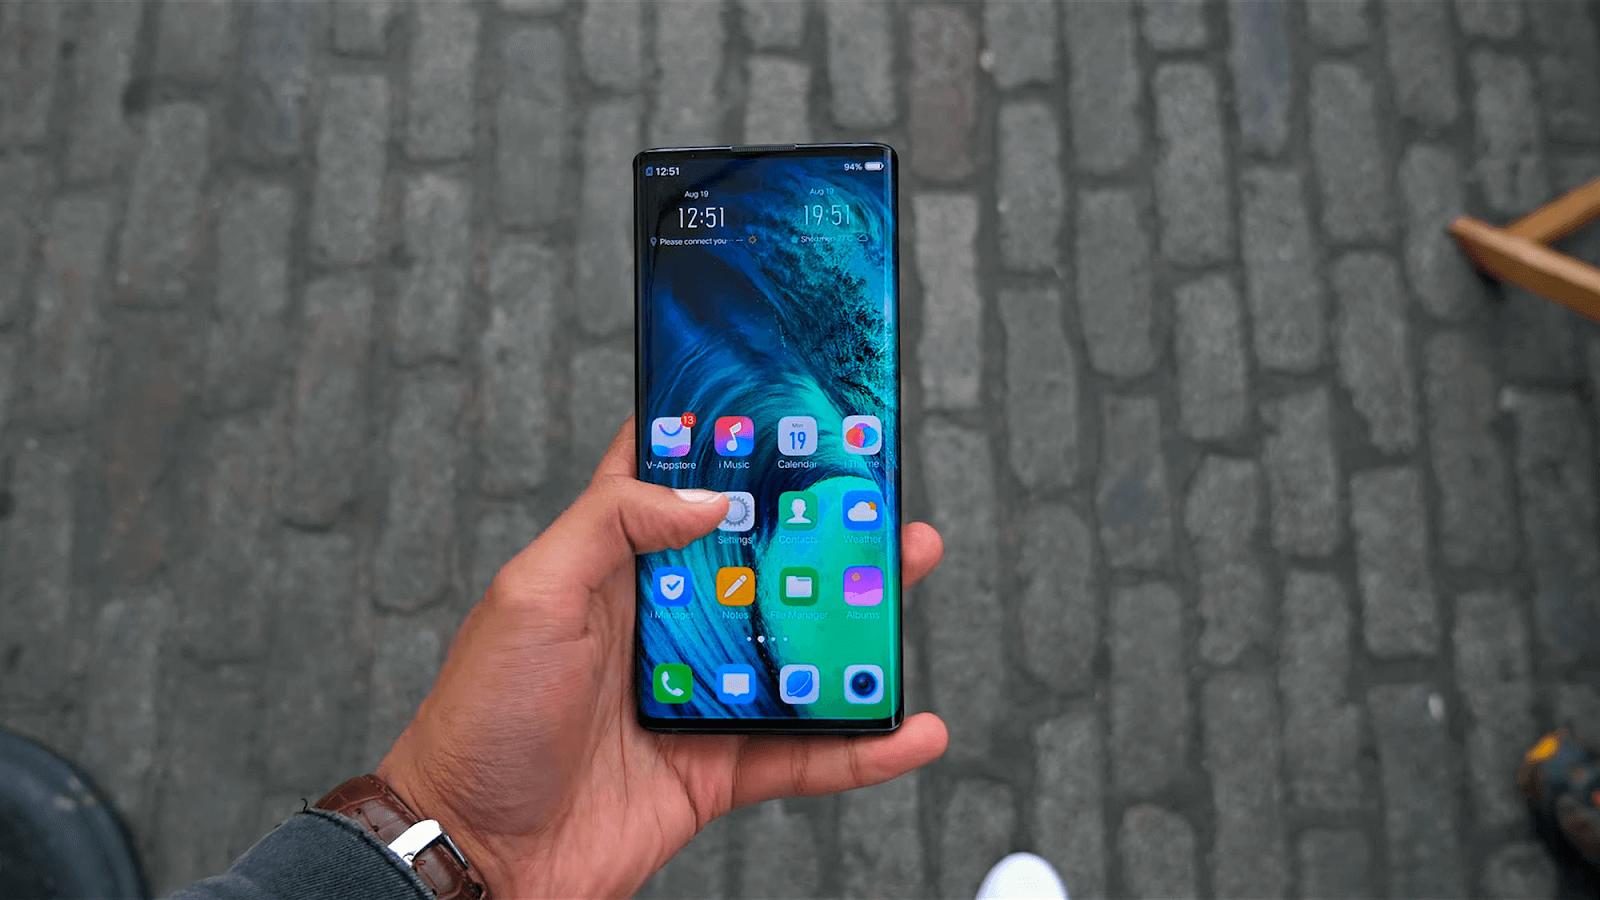 Màn hình cảm ứng của điện thoại Vivo không phản hồi